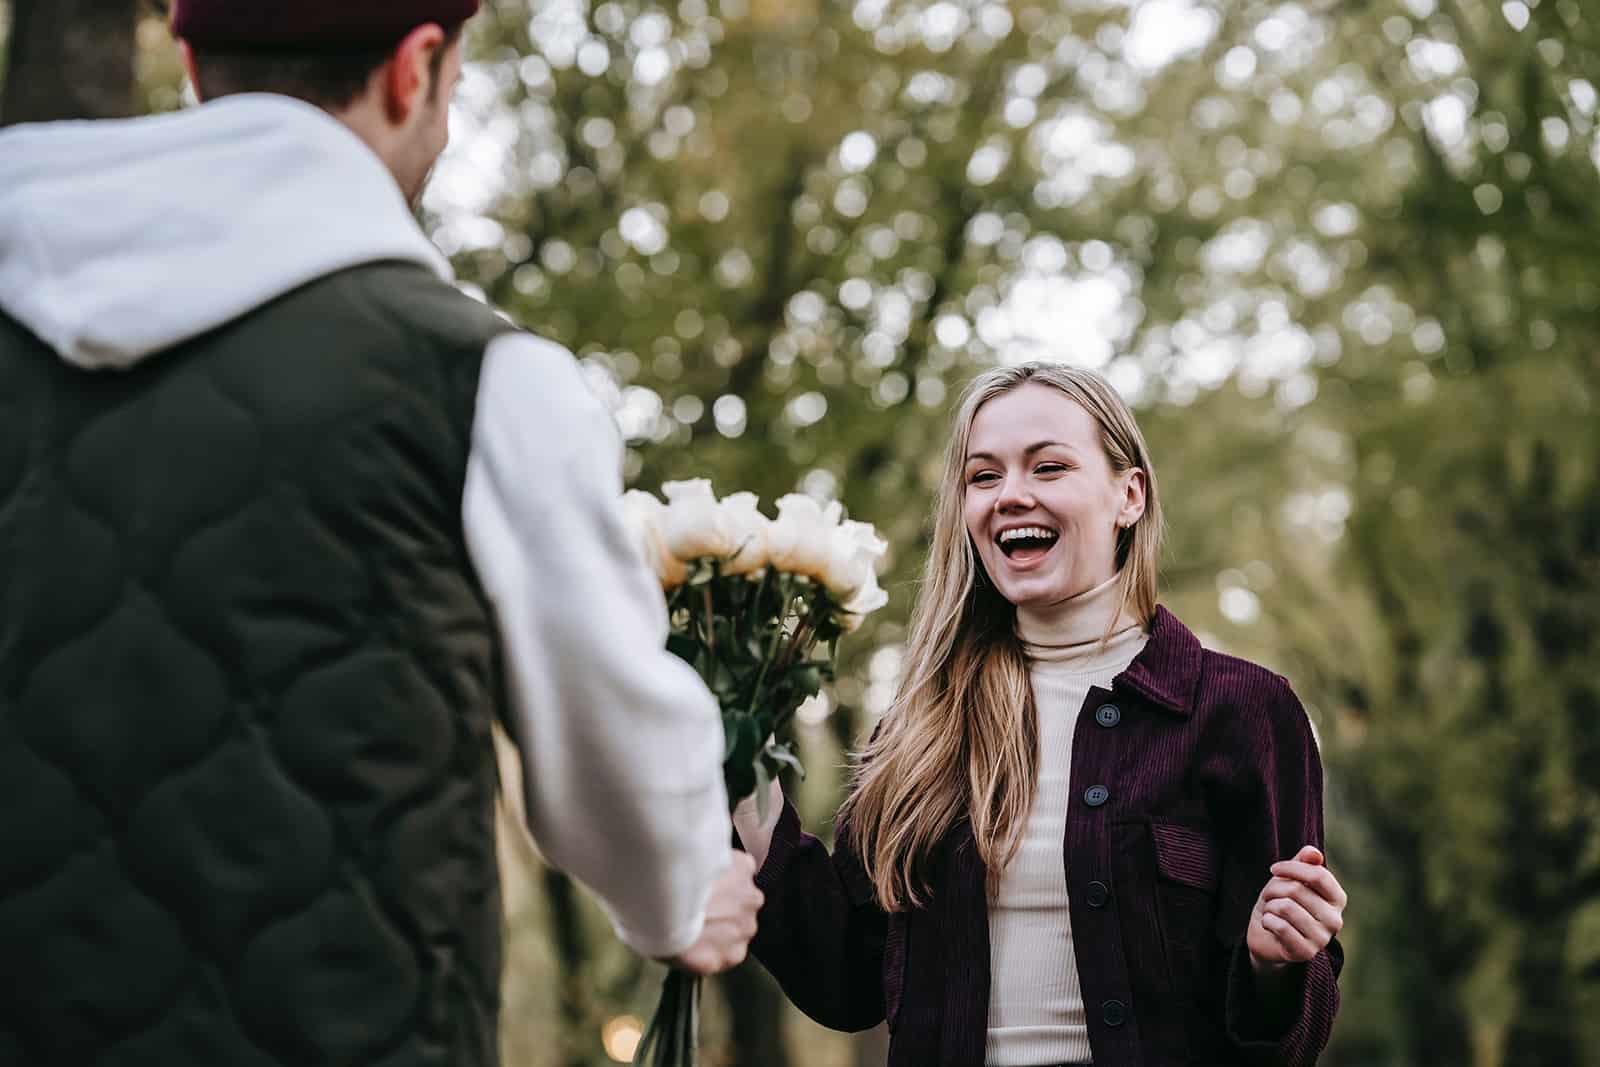 un homme donnant des fleurs à une femme souriante à une date